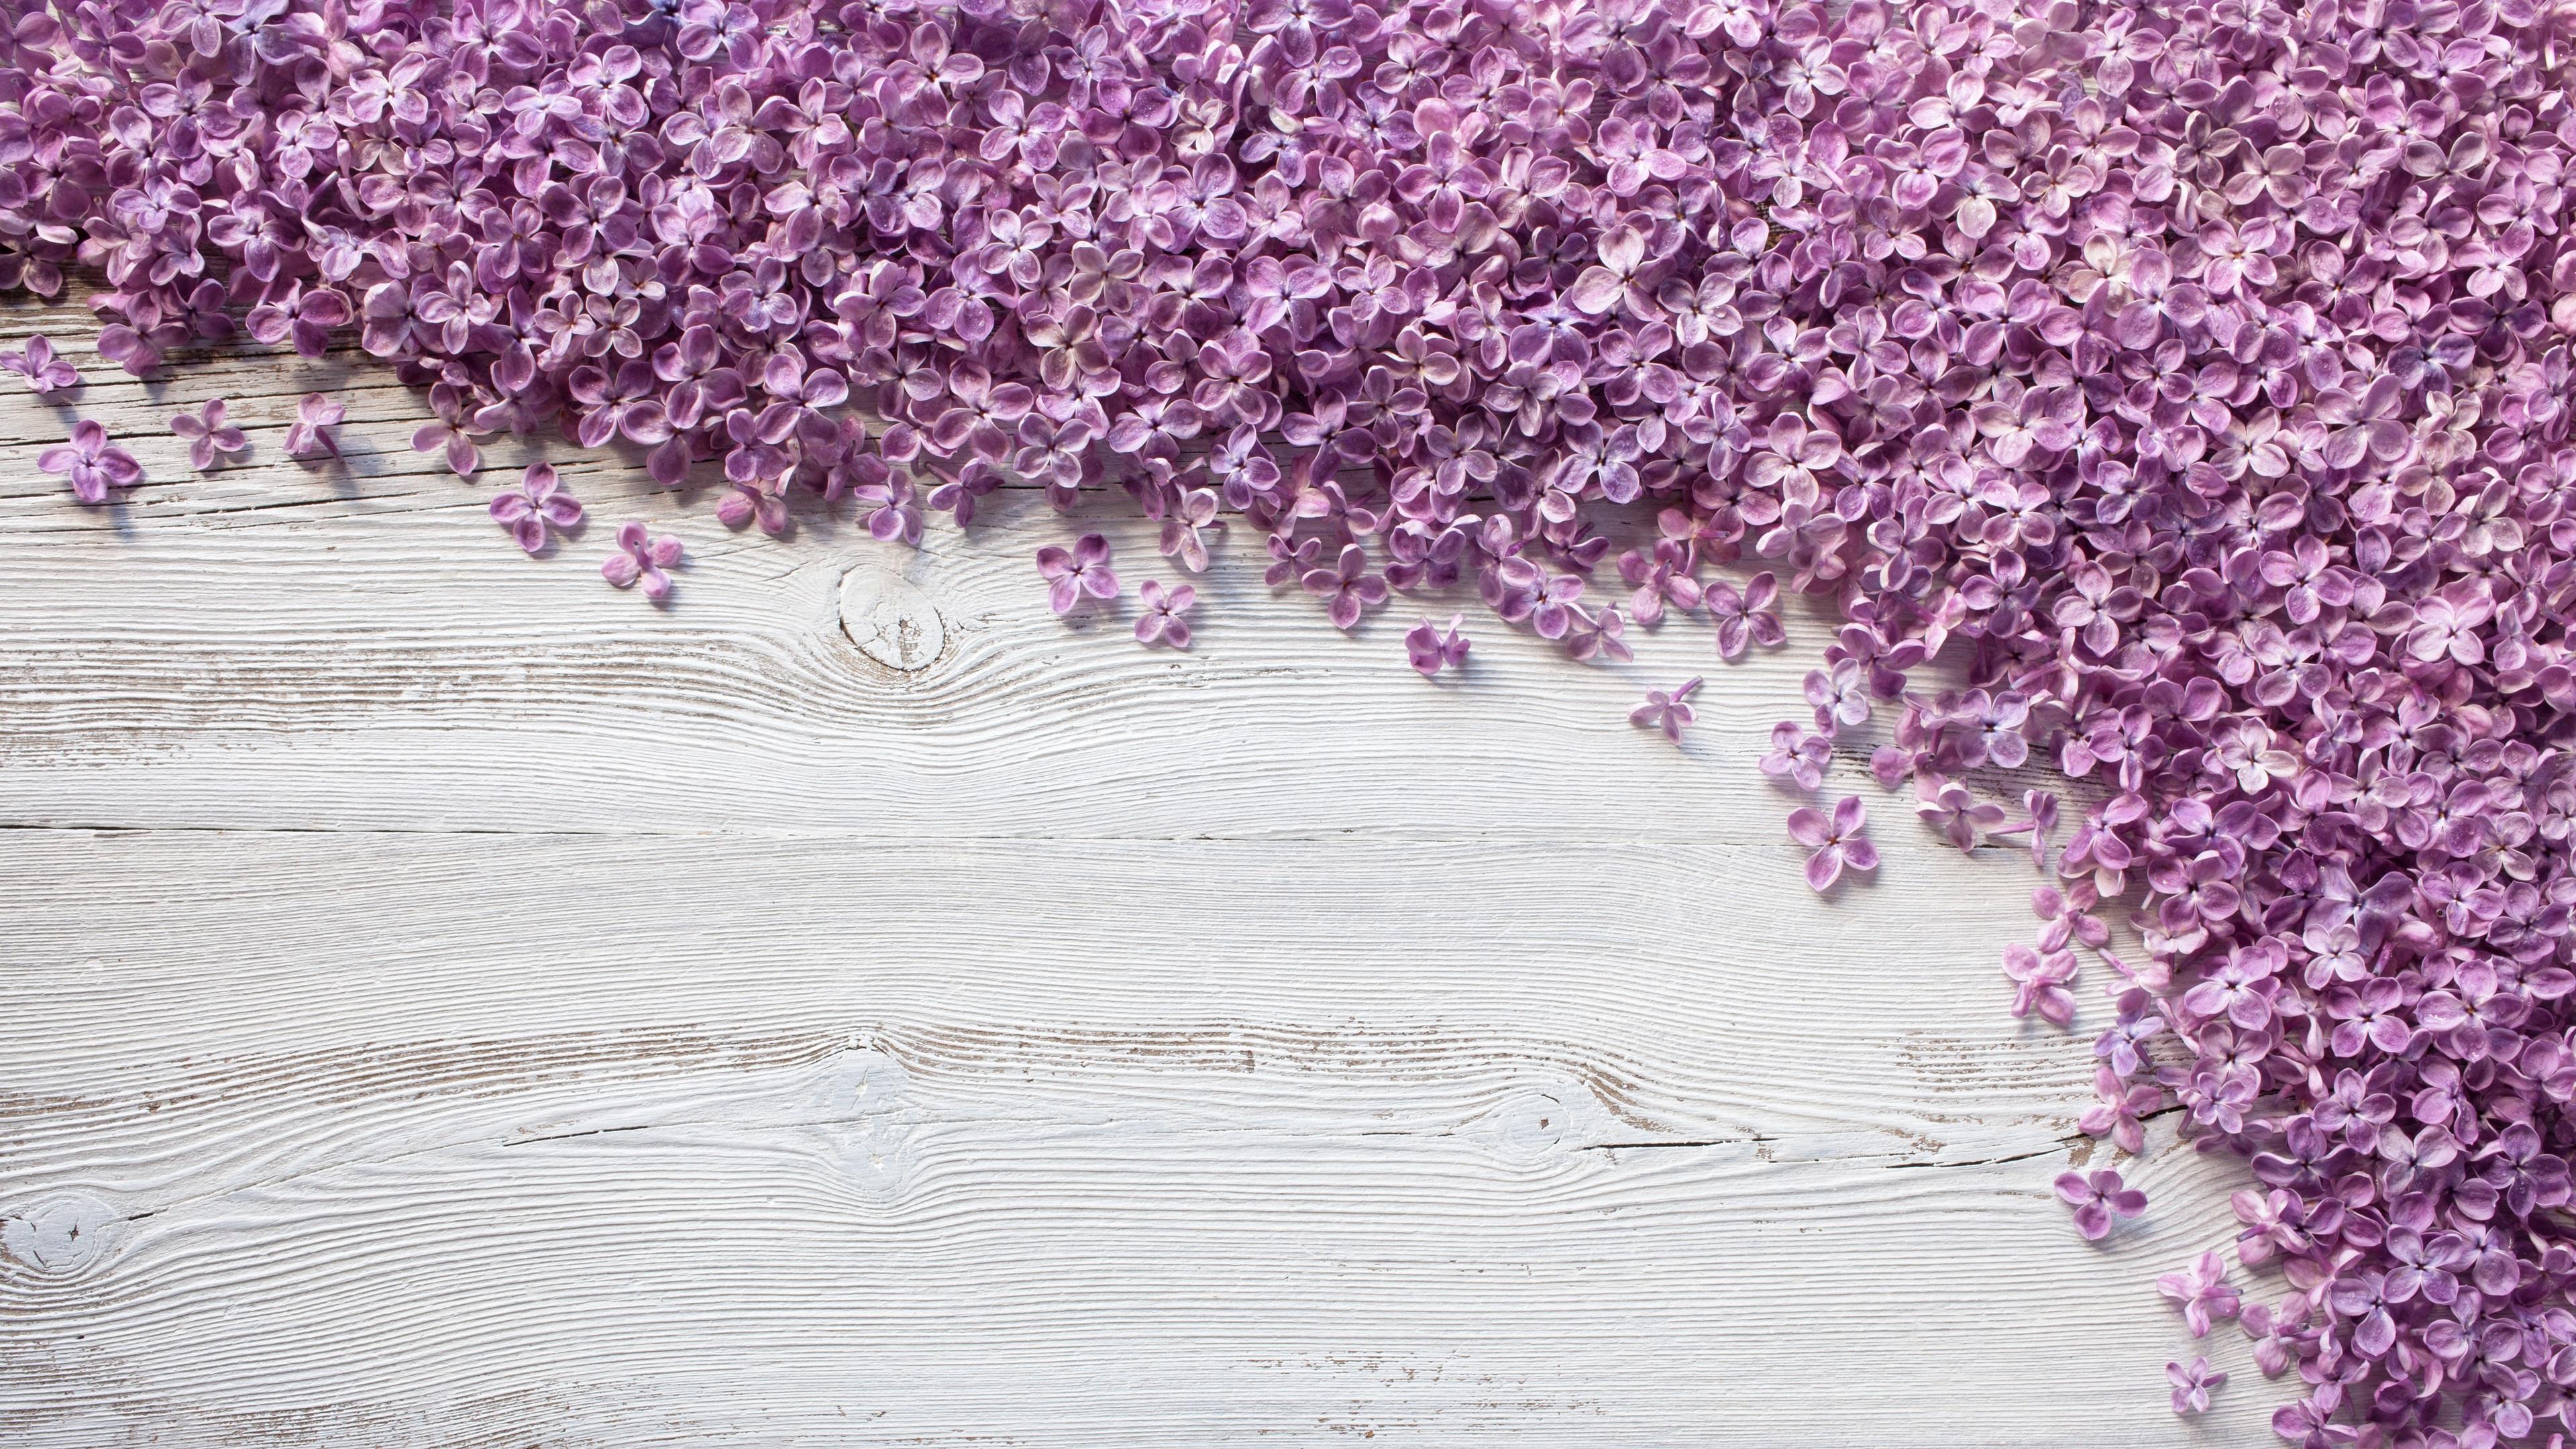 Fondos De Pantalla Fondo De Tablero De Madera De Colores: Fondos De Pantalla Muchas Flores Púrpuras De La Lila En